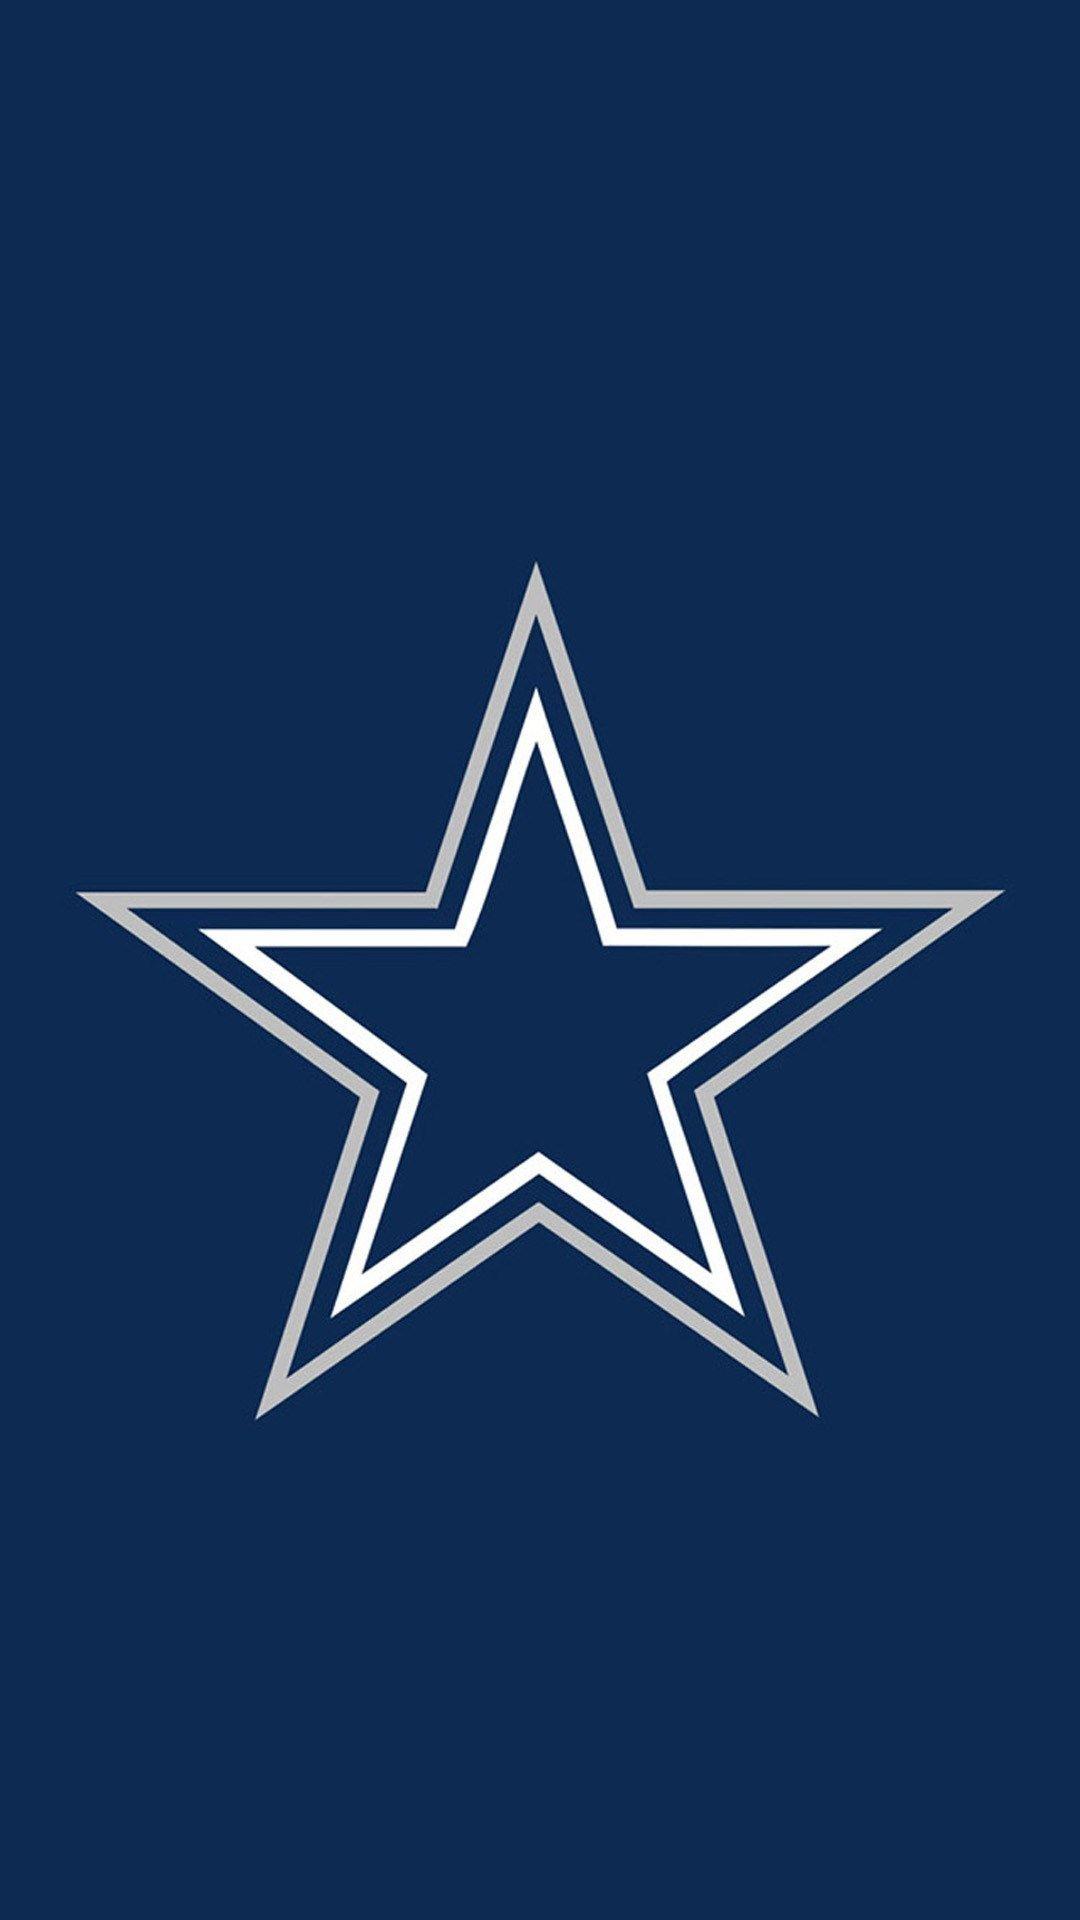 Cowboy Nation Dallas Cowboys Wallpaper Dallas Cowboys Pictures Dallas Cowboys Football